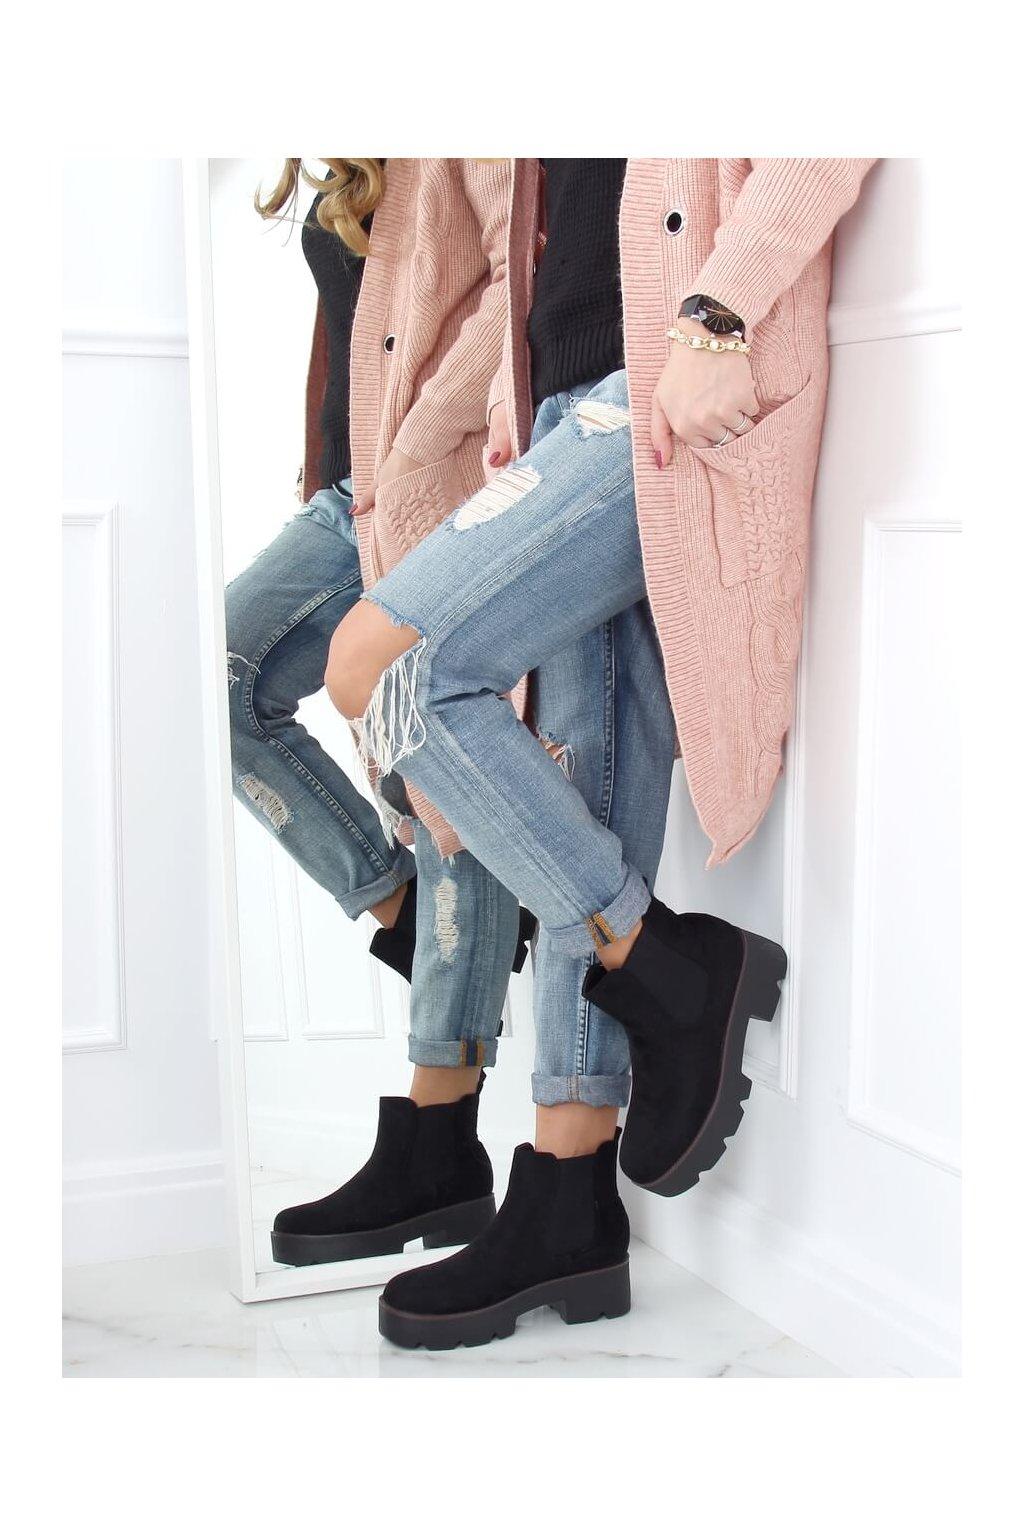 Dámske členkové topánky čierne na širokom podpätku 8B987